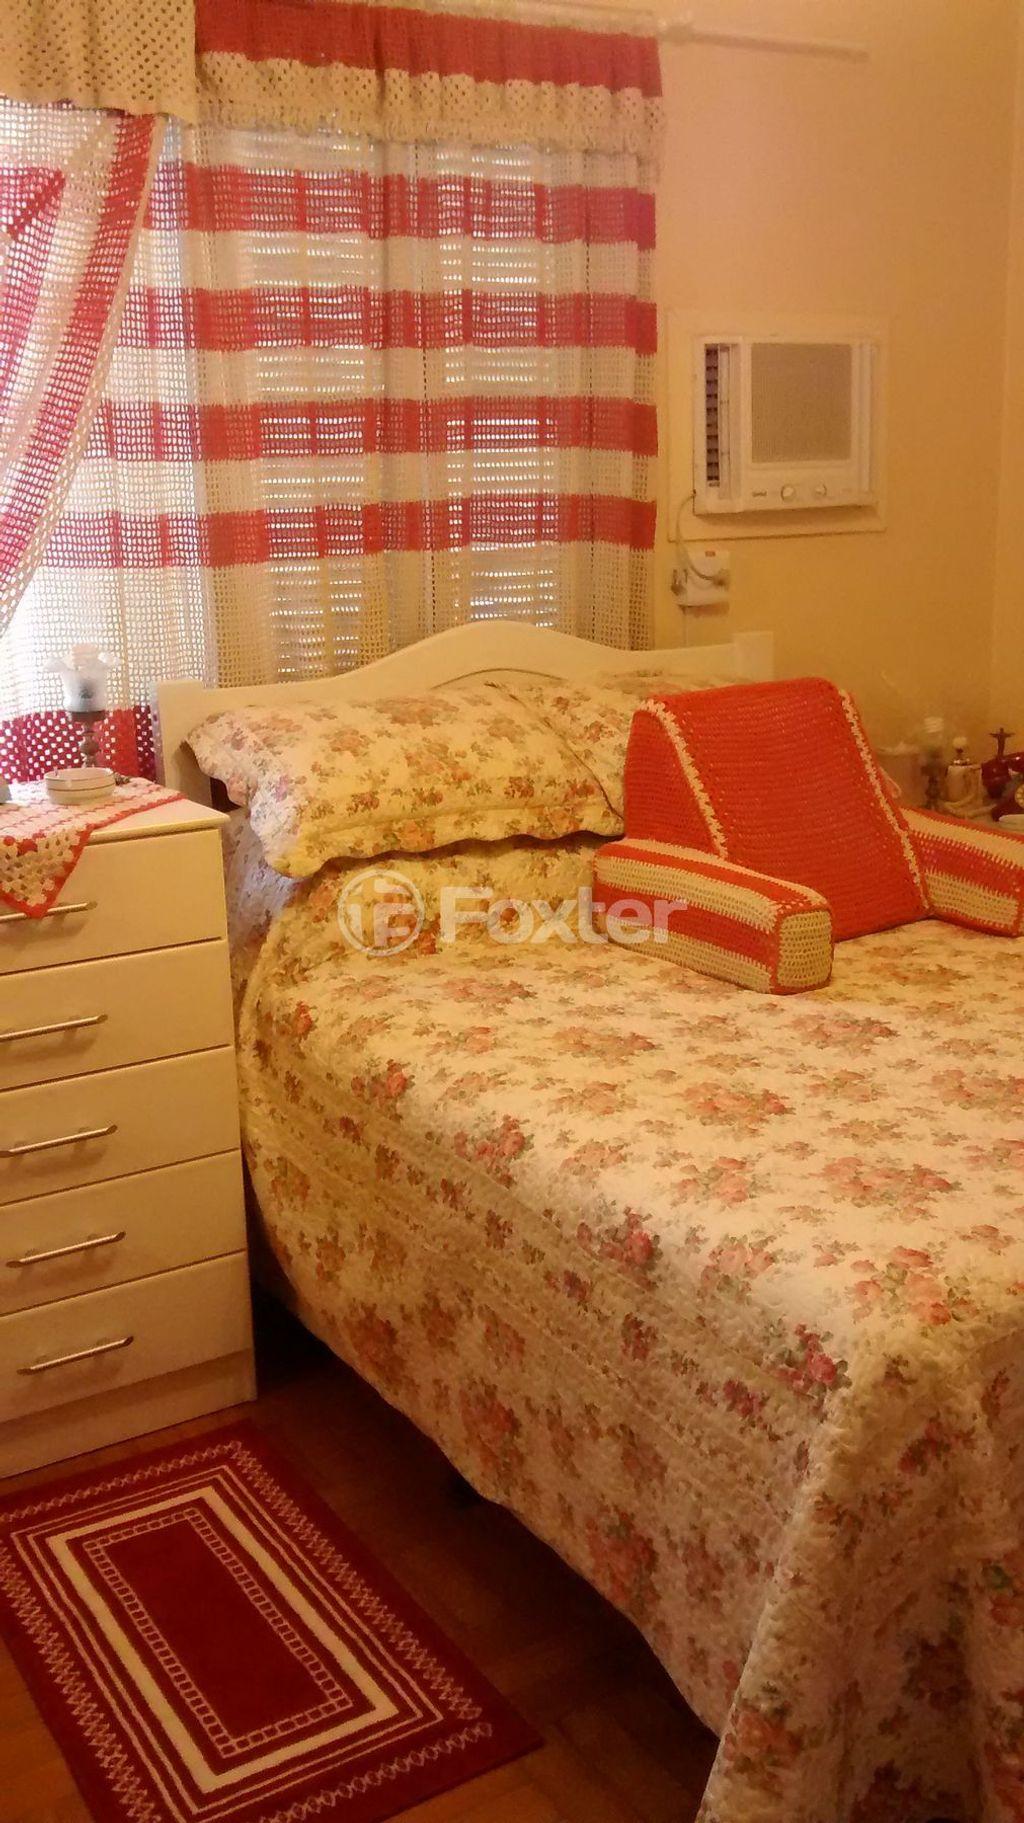 Foxter Imobiliária - Apto 2 Dorm, Menino Deus - Foto 31